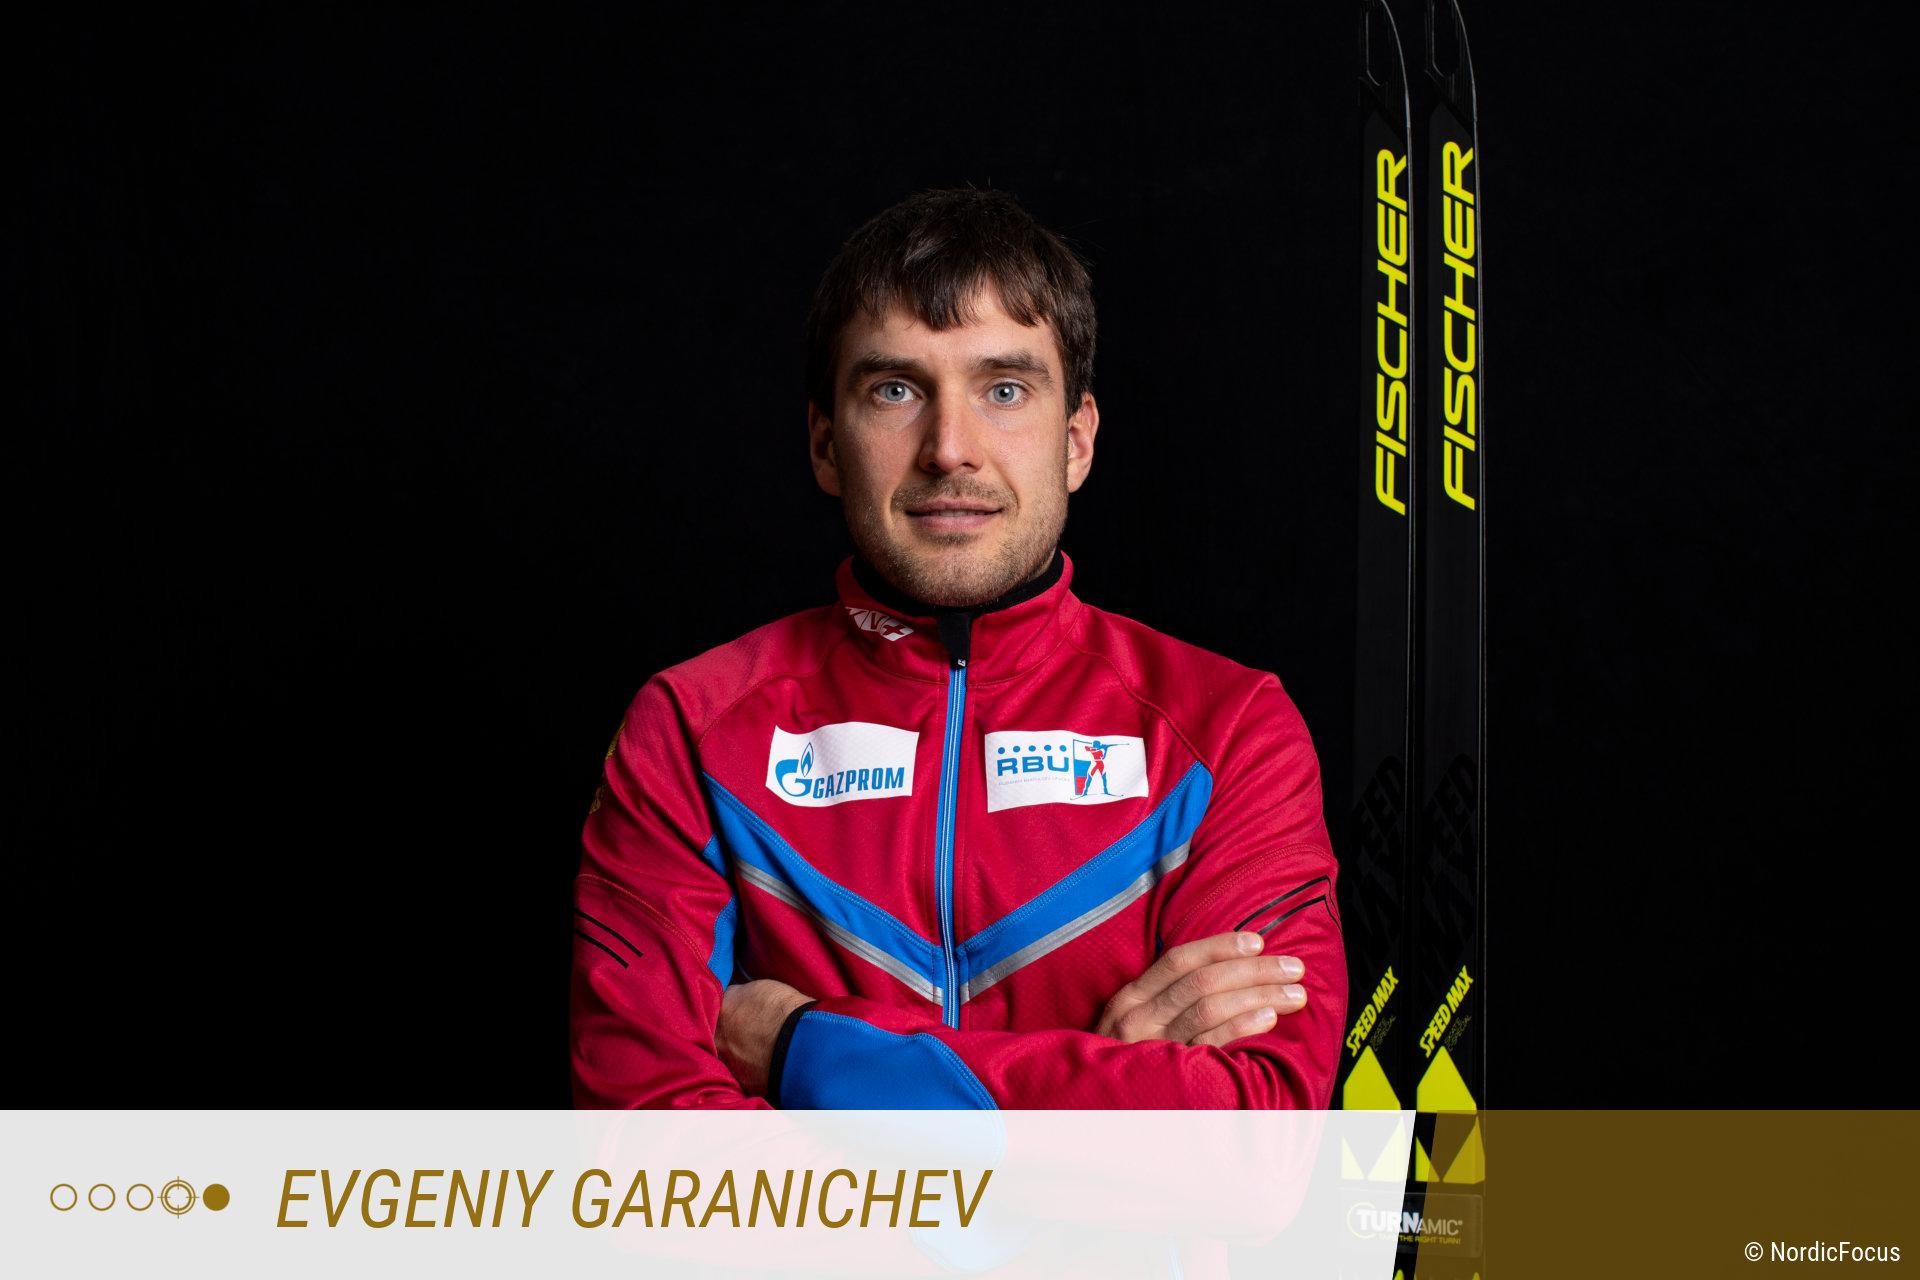 Athleten_EvgeniyGaranichev